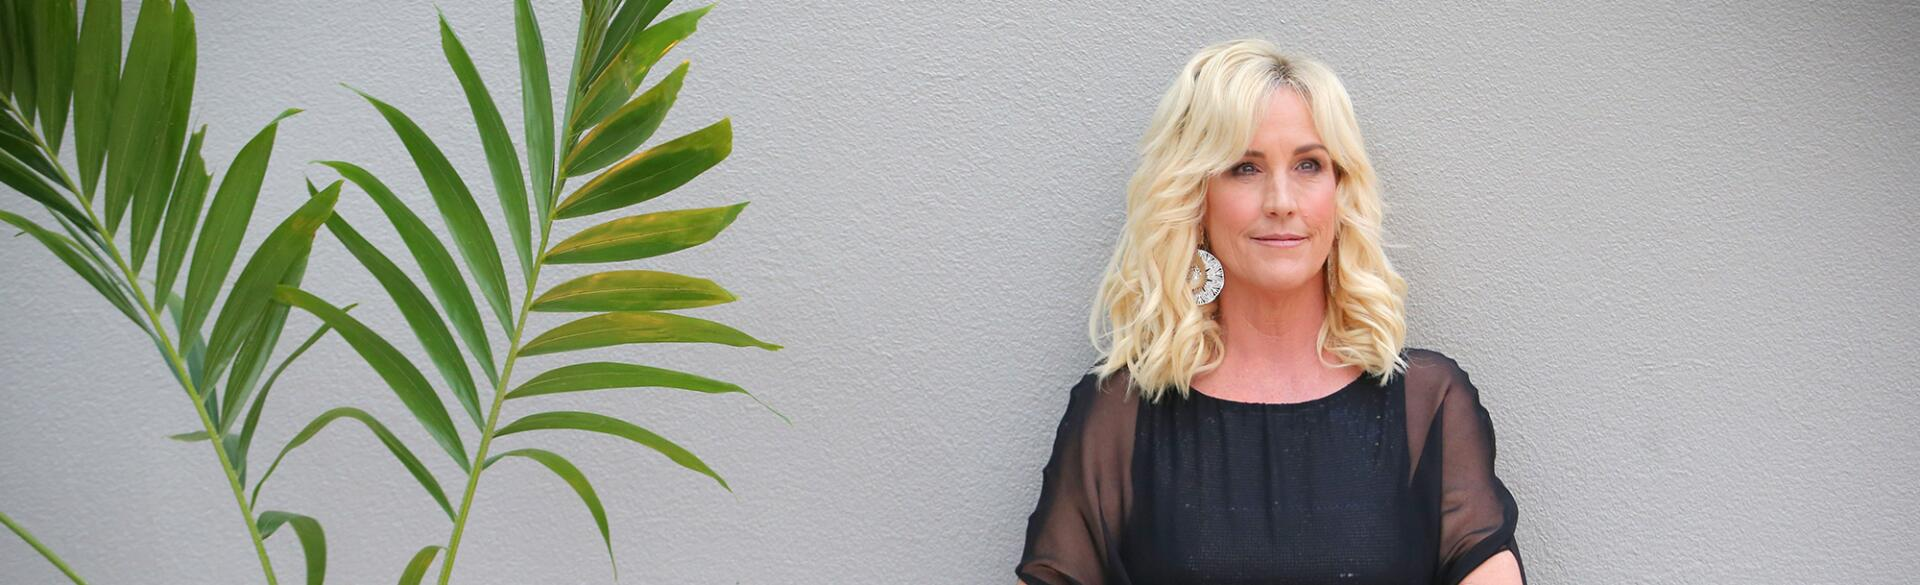 Portrait of Erin Brockovich from 2015